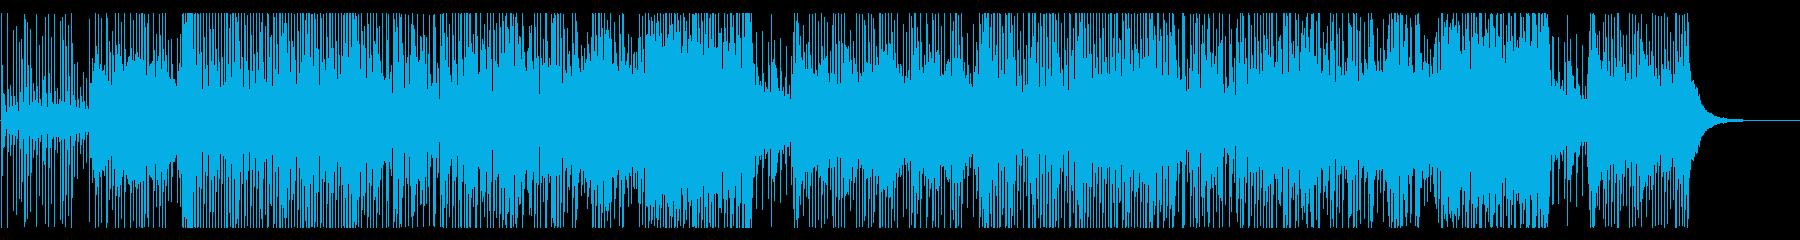 津軽三味線のかっこいい和風ロックの再生済みの波形